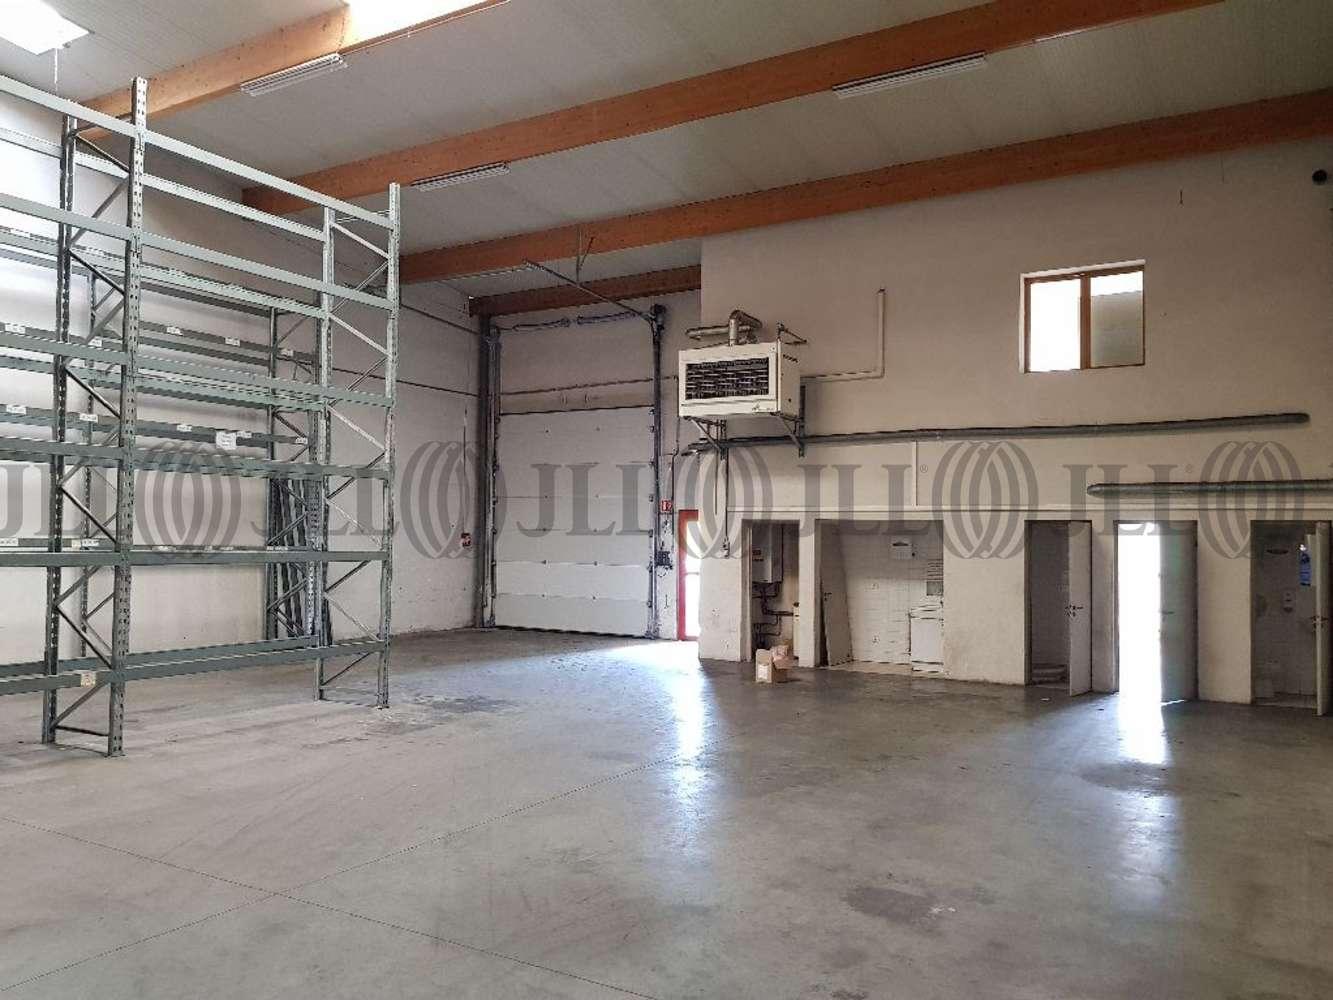 Activités/entrepôt Meyzieu, 69330 - ACHAT ENTREPOT LYON EST (MEYZIEU, 69) - 10324043